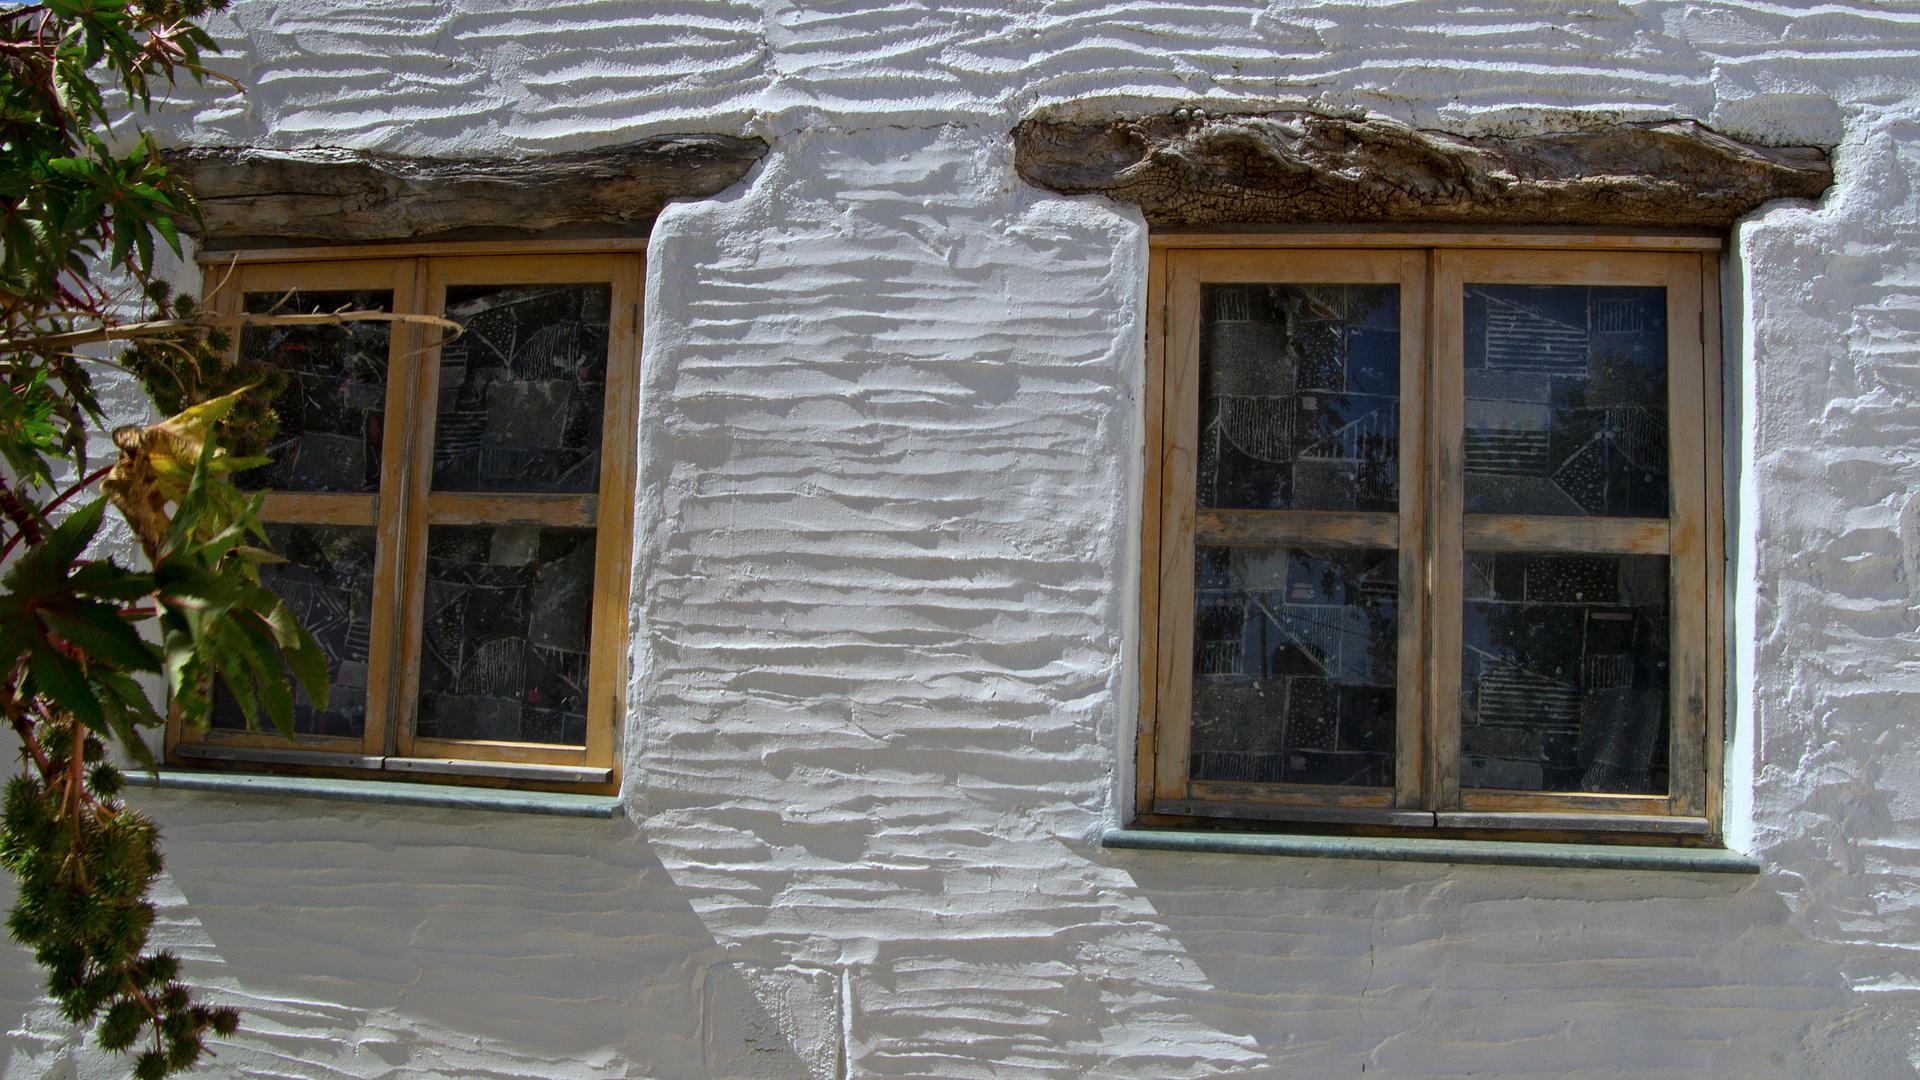 Full Size of Fenster Braun Steinheim Gmbh Regensburg Kunststoff Kaufen Weiding Karlsruhe Braunschweig Dortmund Am Albuch In Lachania Foto Bild Detail Wärmeschutzfolie Fenster Fenster Braun